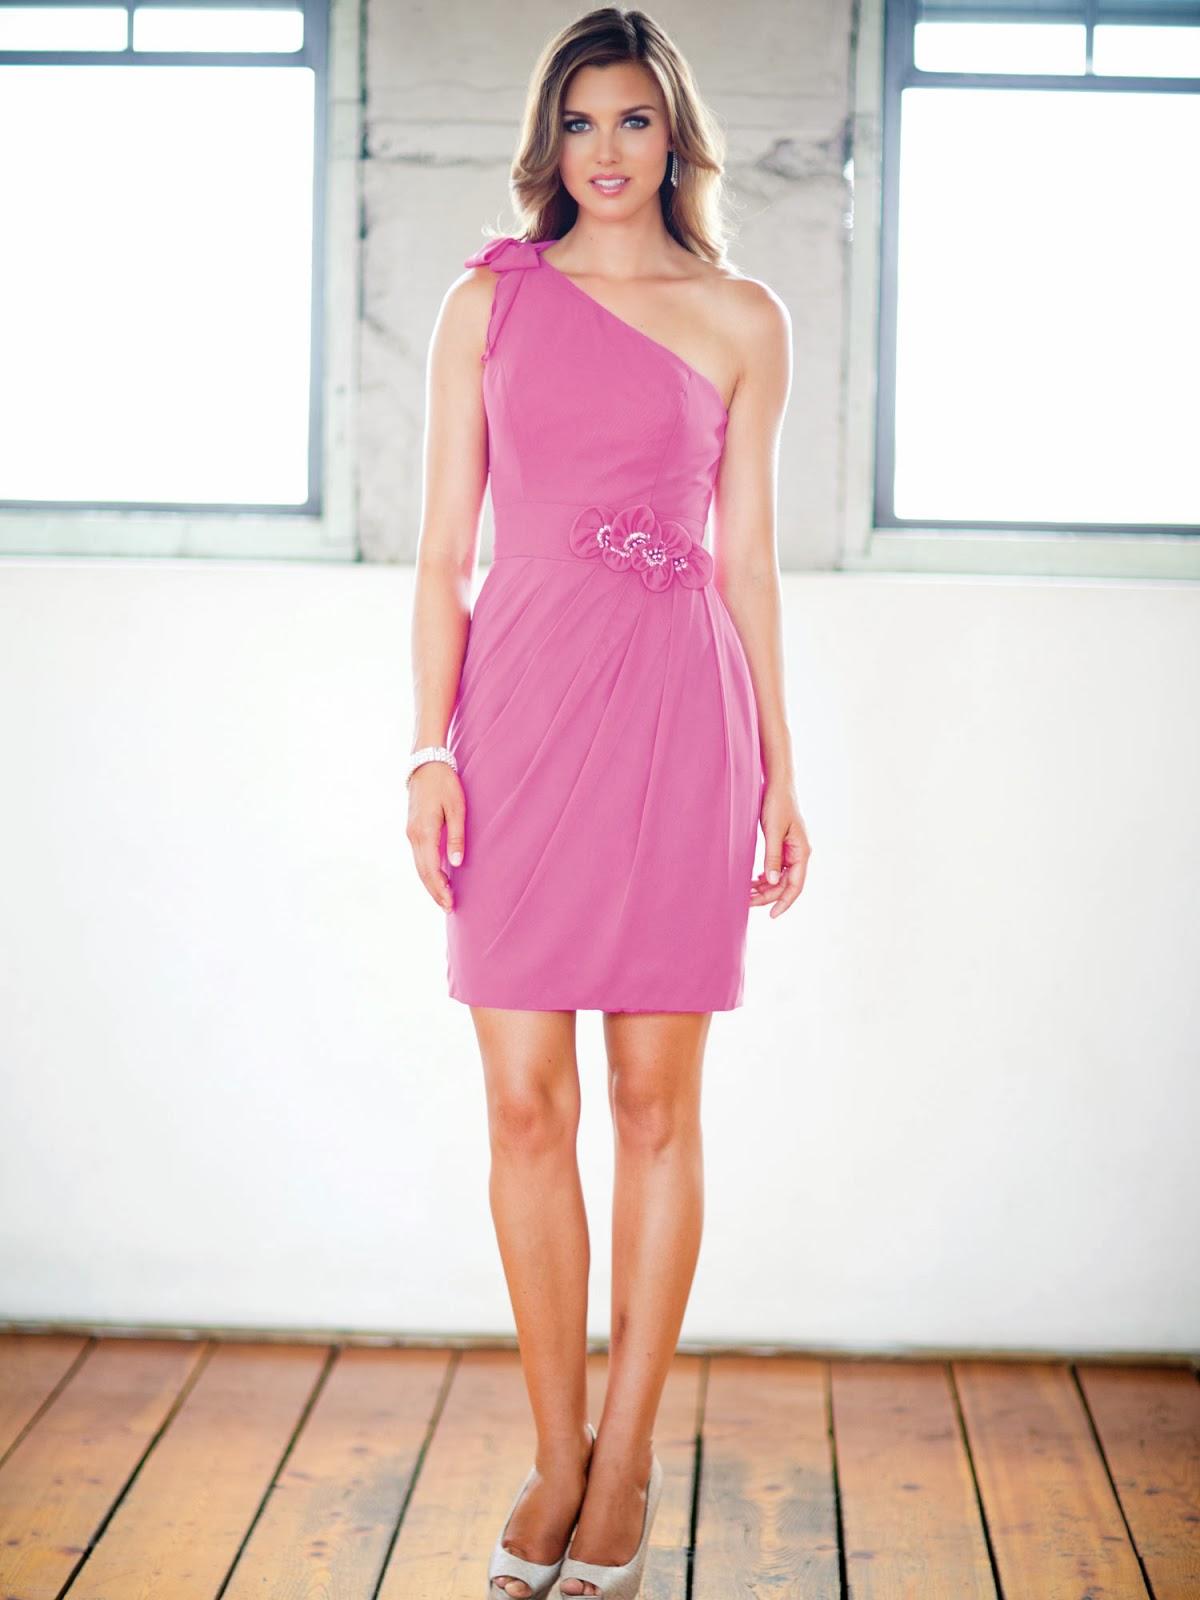 Vestidos cortos elegantes coleccion 2014 | Vestidos | Moda 2018 - 2019